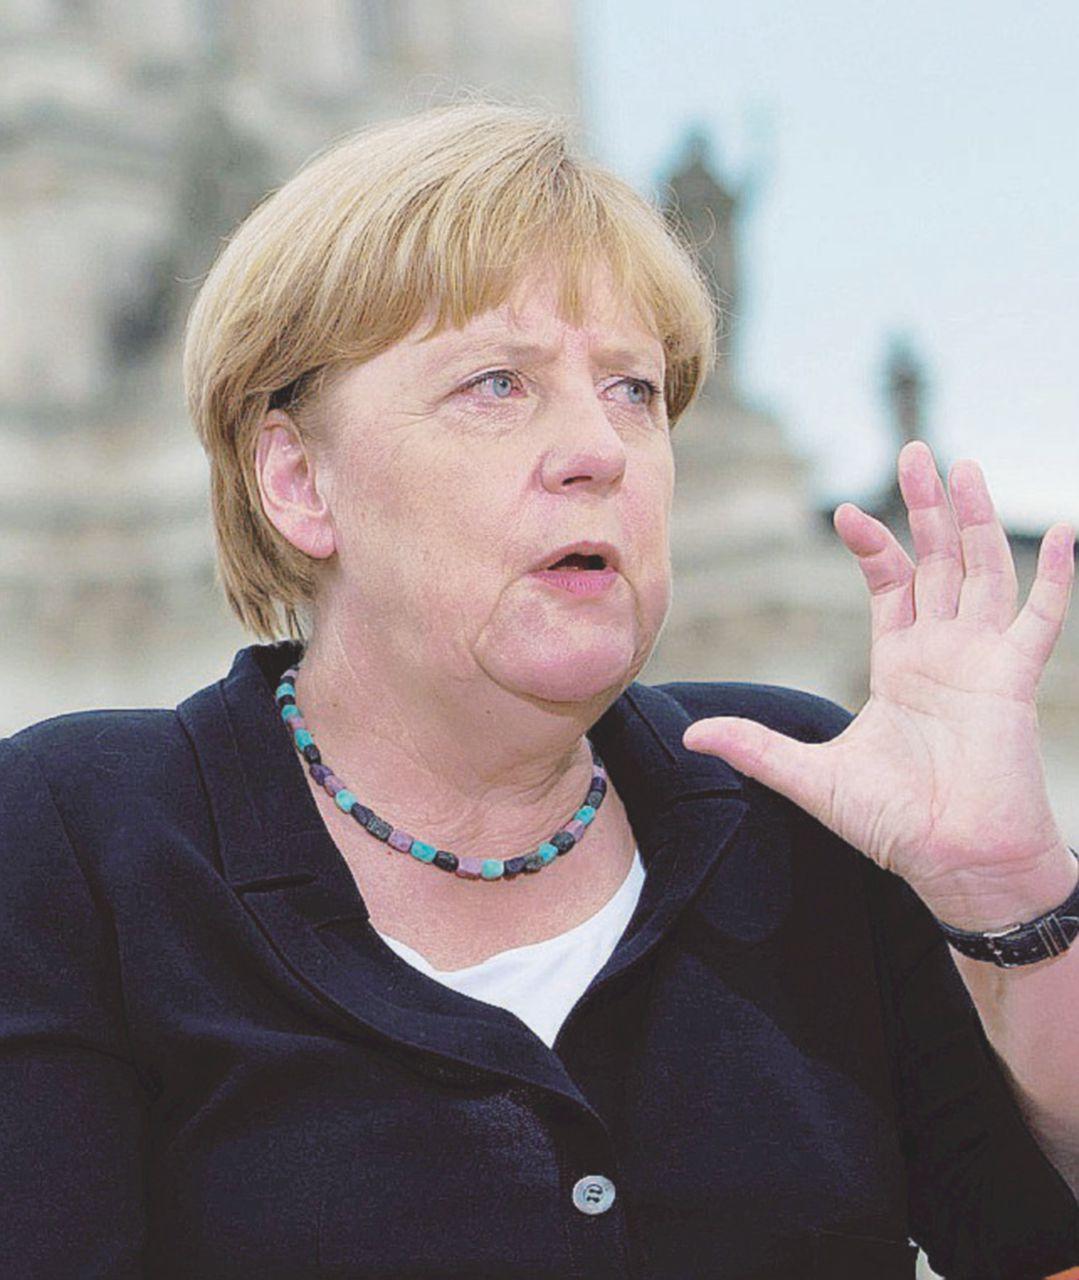 La destra xenofoba Afd umilia la Cdu di Merkel